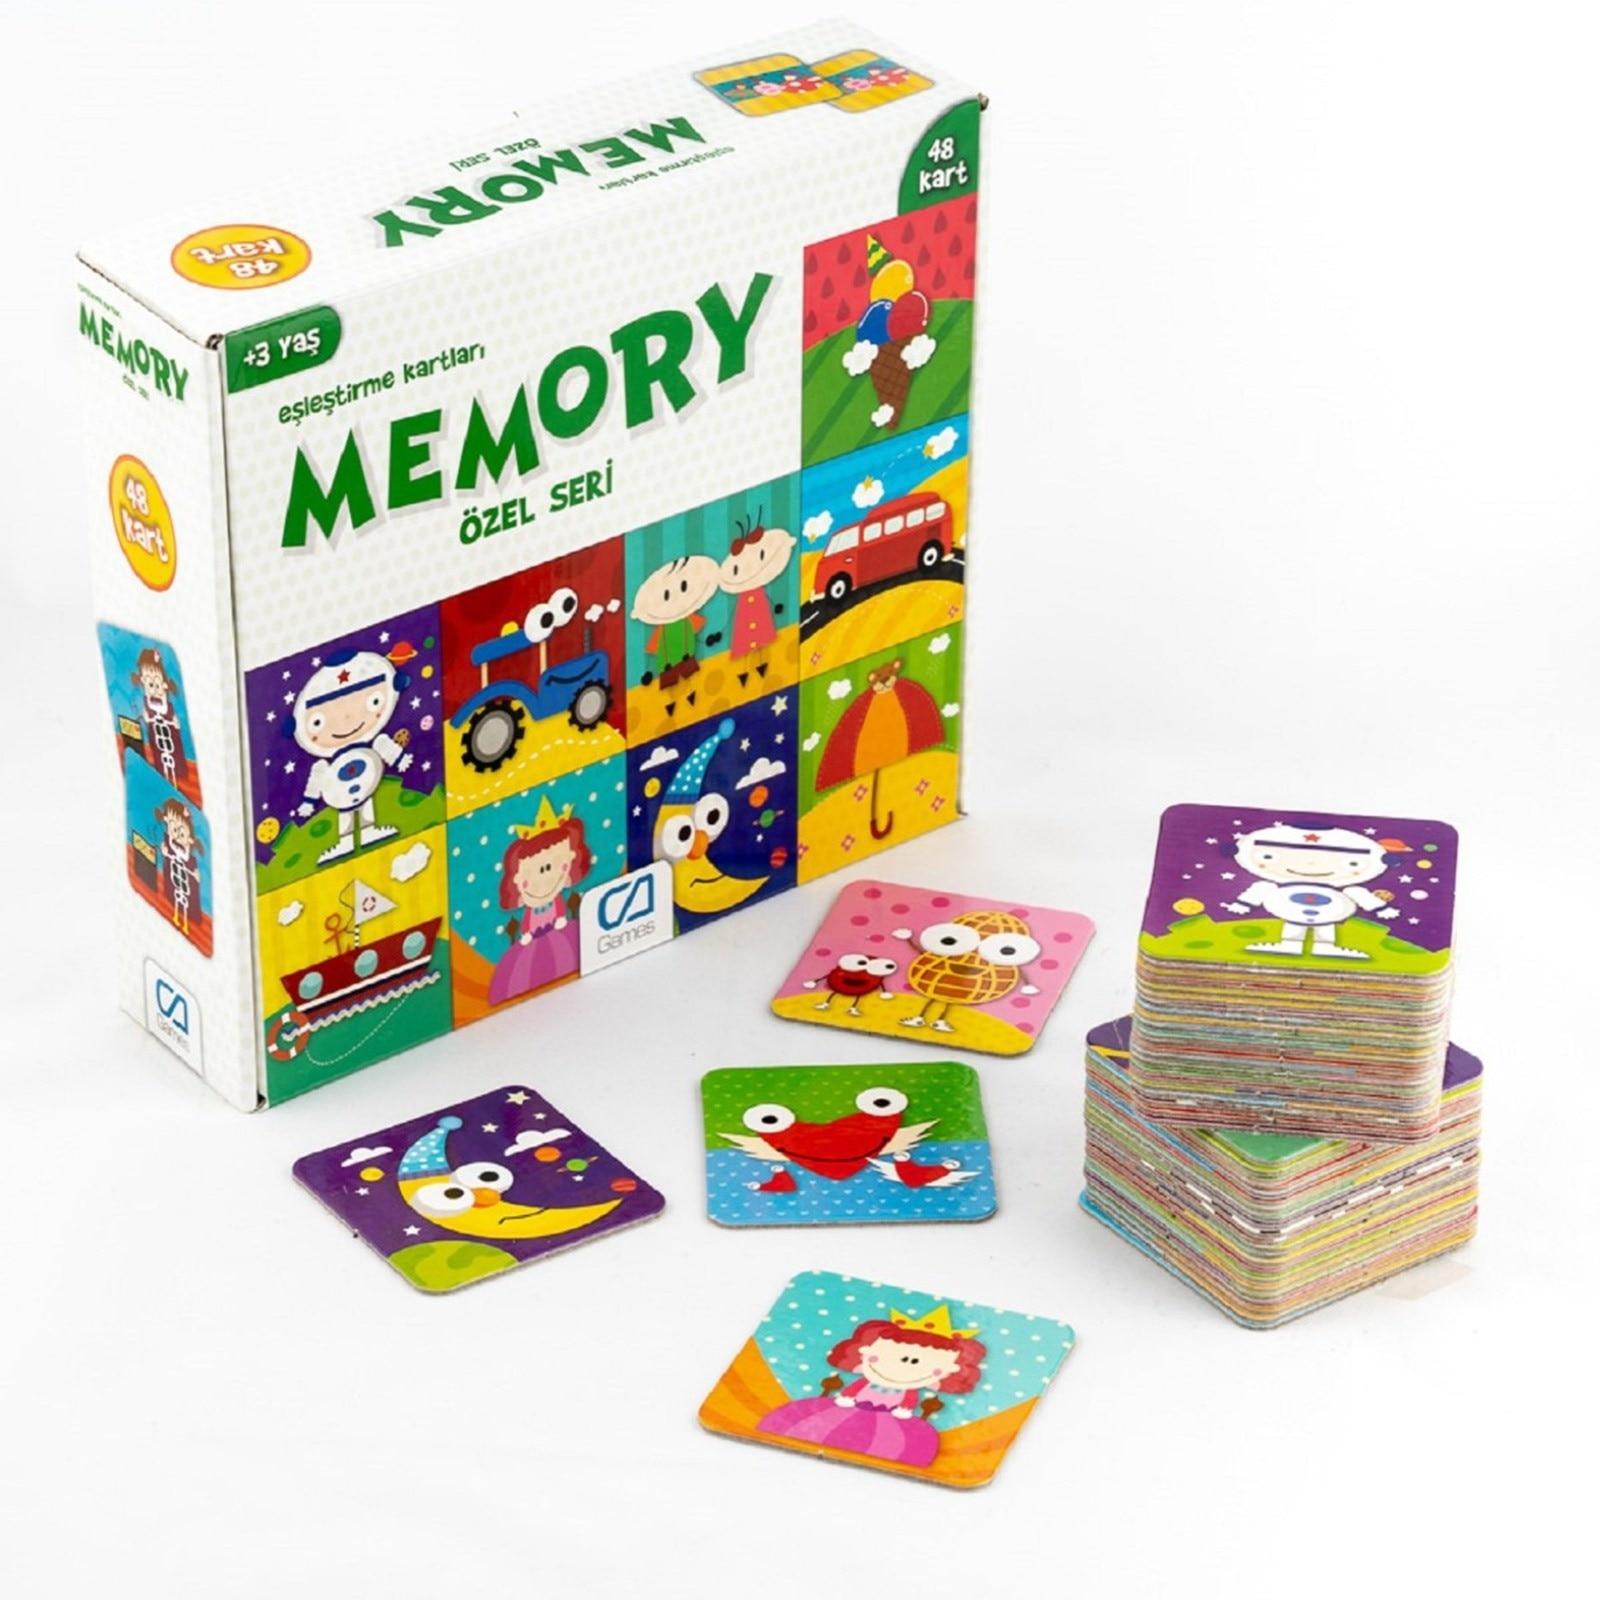 Ebebek Ca Games Memory Special Series 48 Card 3 Years+